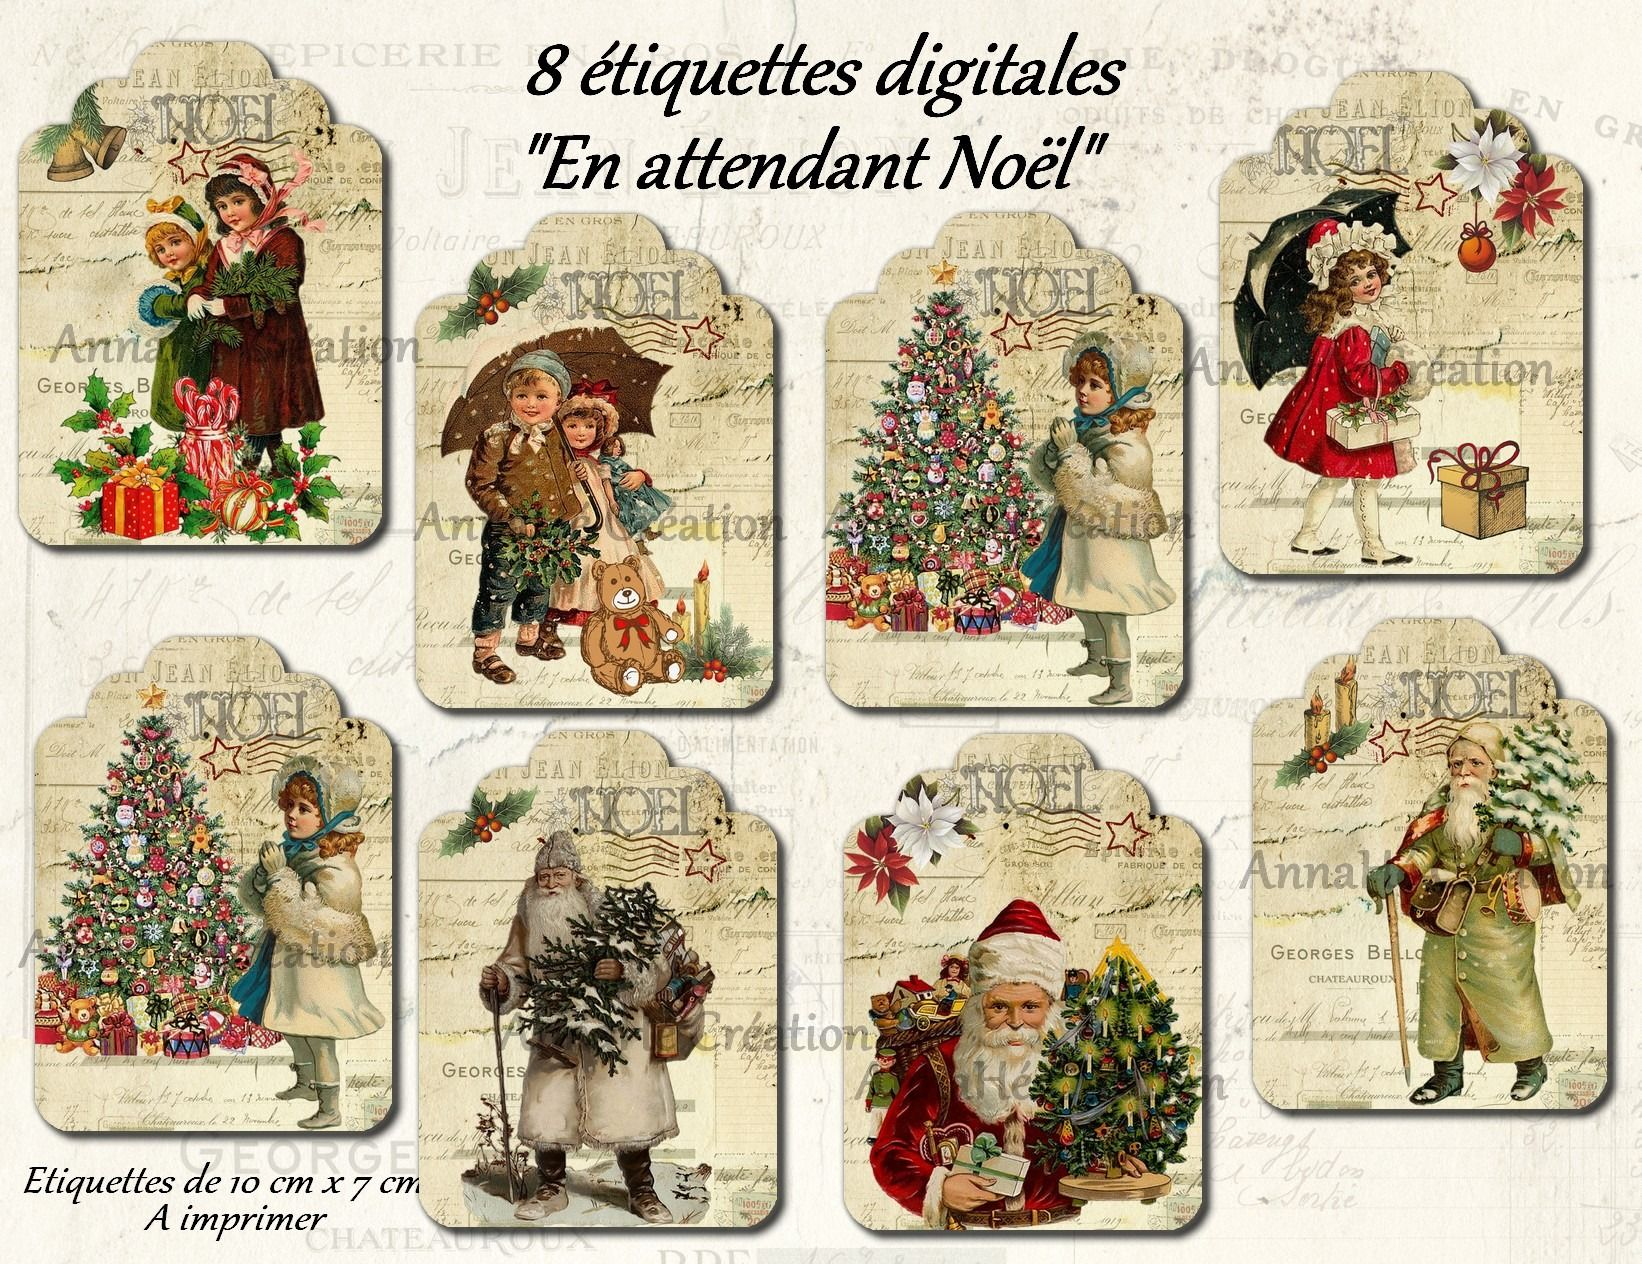 """Sehr 8 étiquettes digitales à imprimer """"En attendant Noël"""" image  ZZ31"""